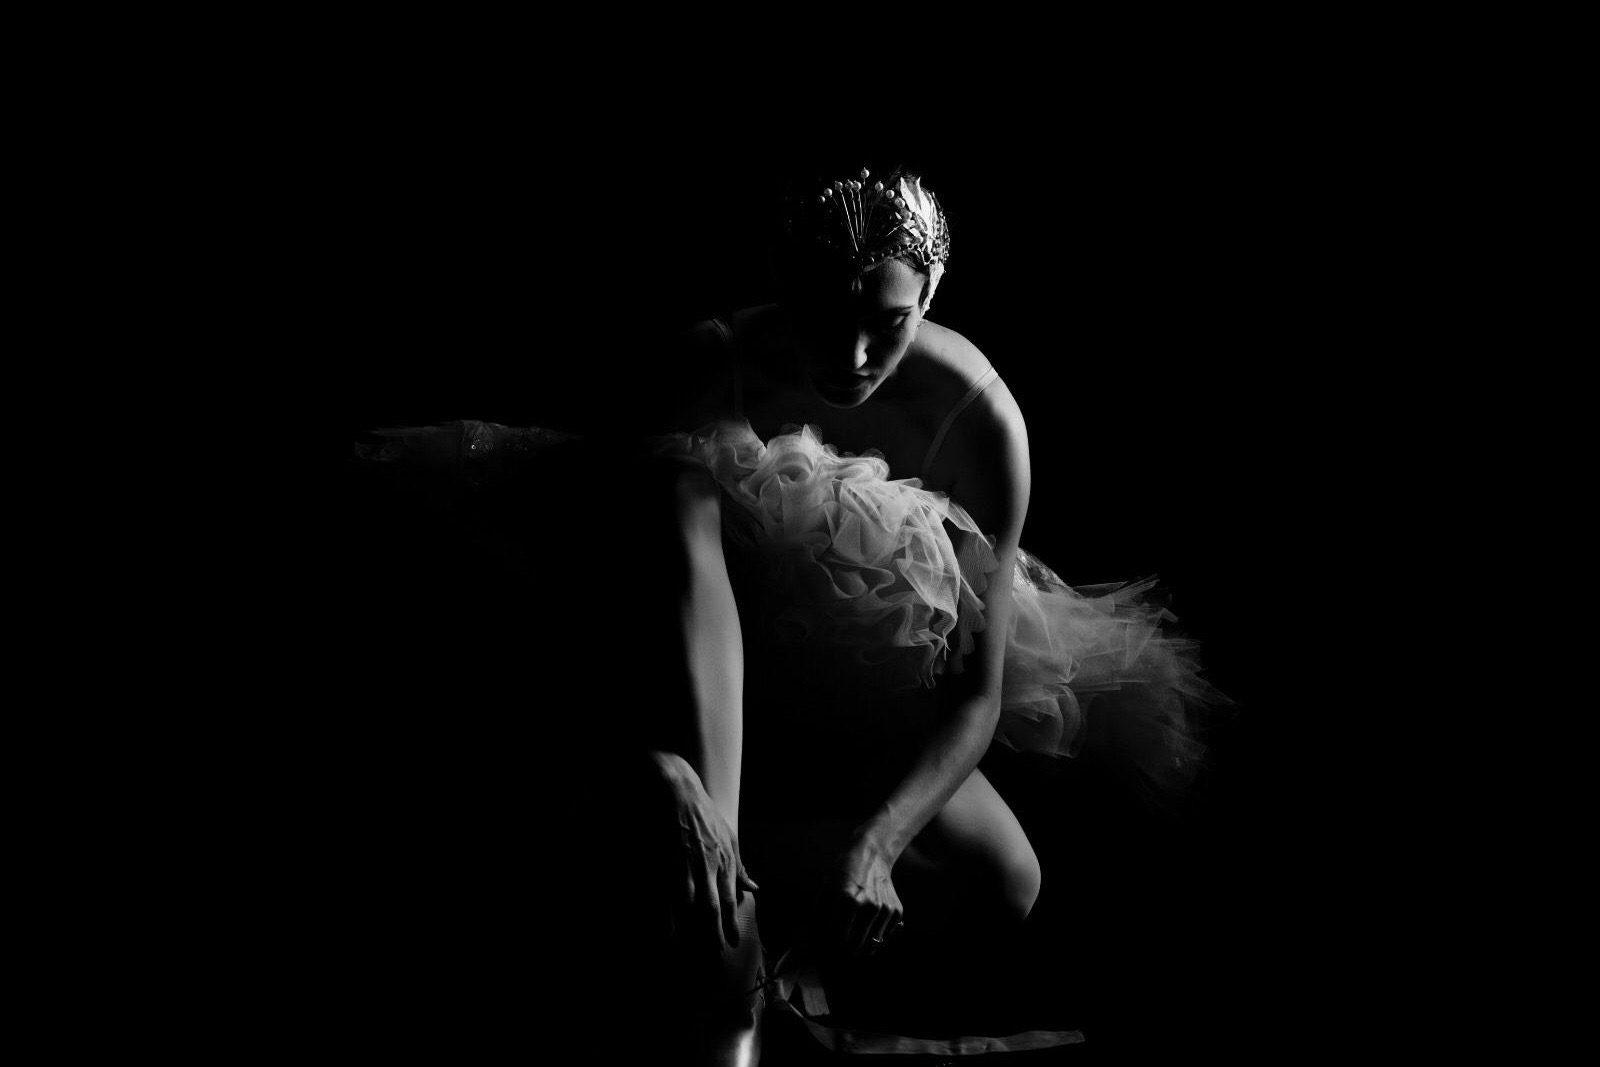 Tänzerin Sarah Mestrovic bereitet sich vor und zieht Ihre Schuhe an.